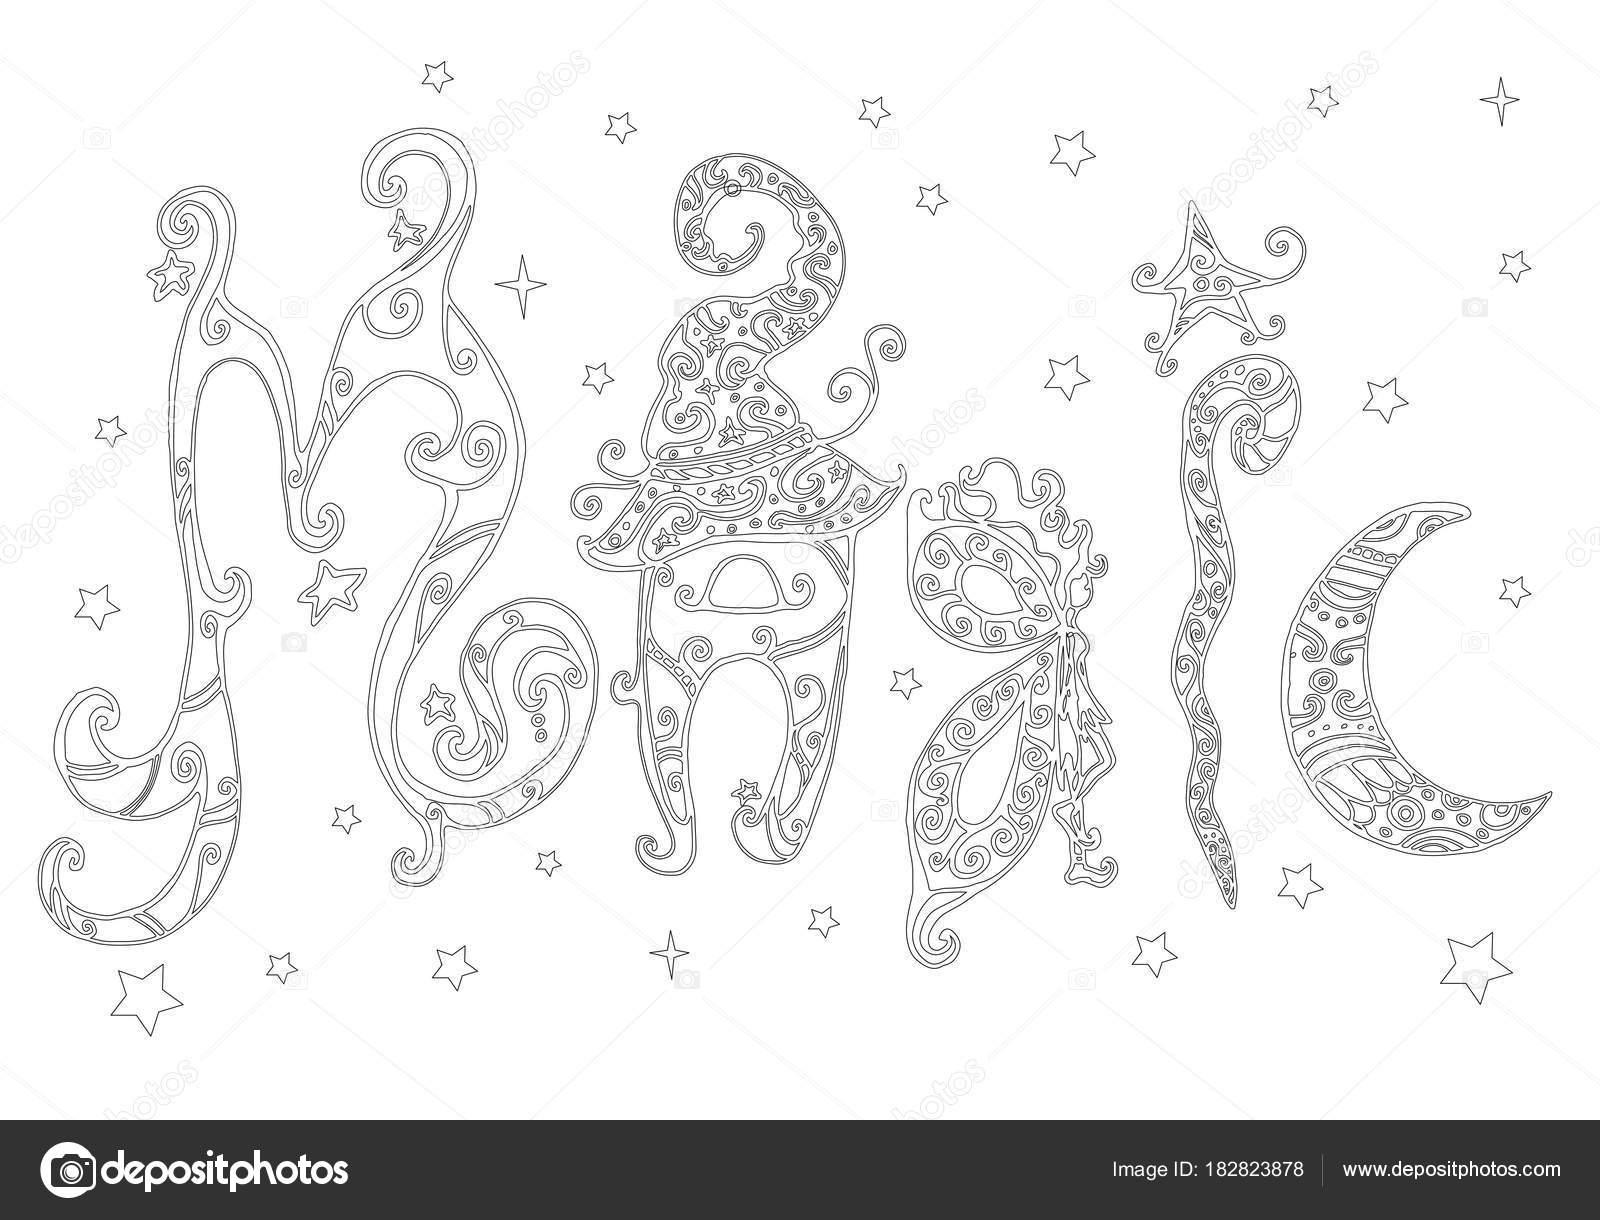 Kleurplaten Arabische Letters.Word Magic Kleurplaat Pagina Voor Kinderen En Volwassenen